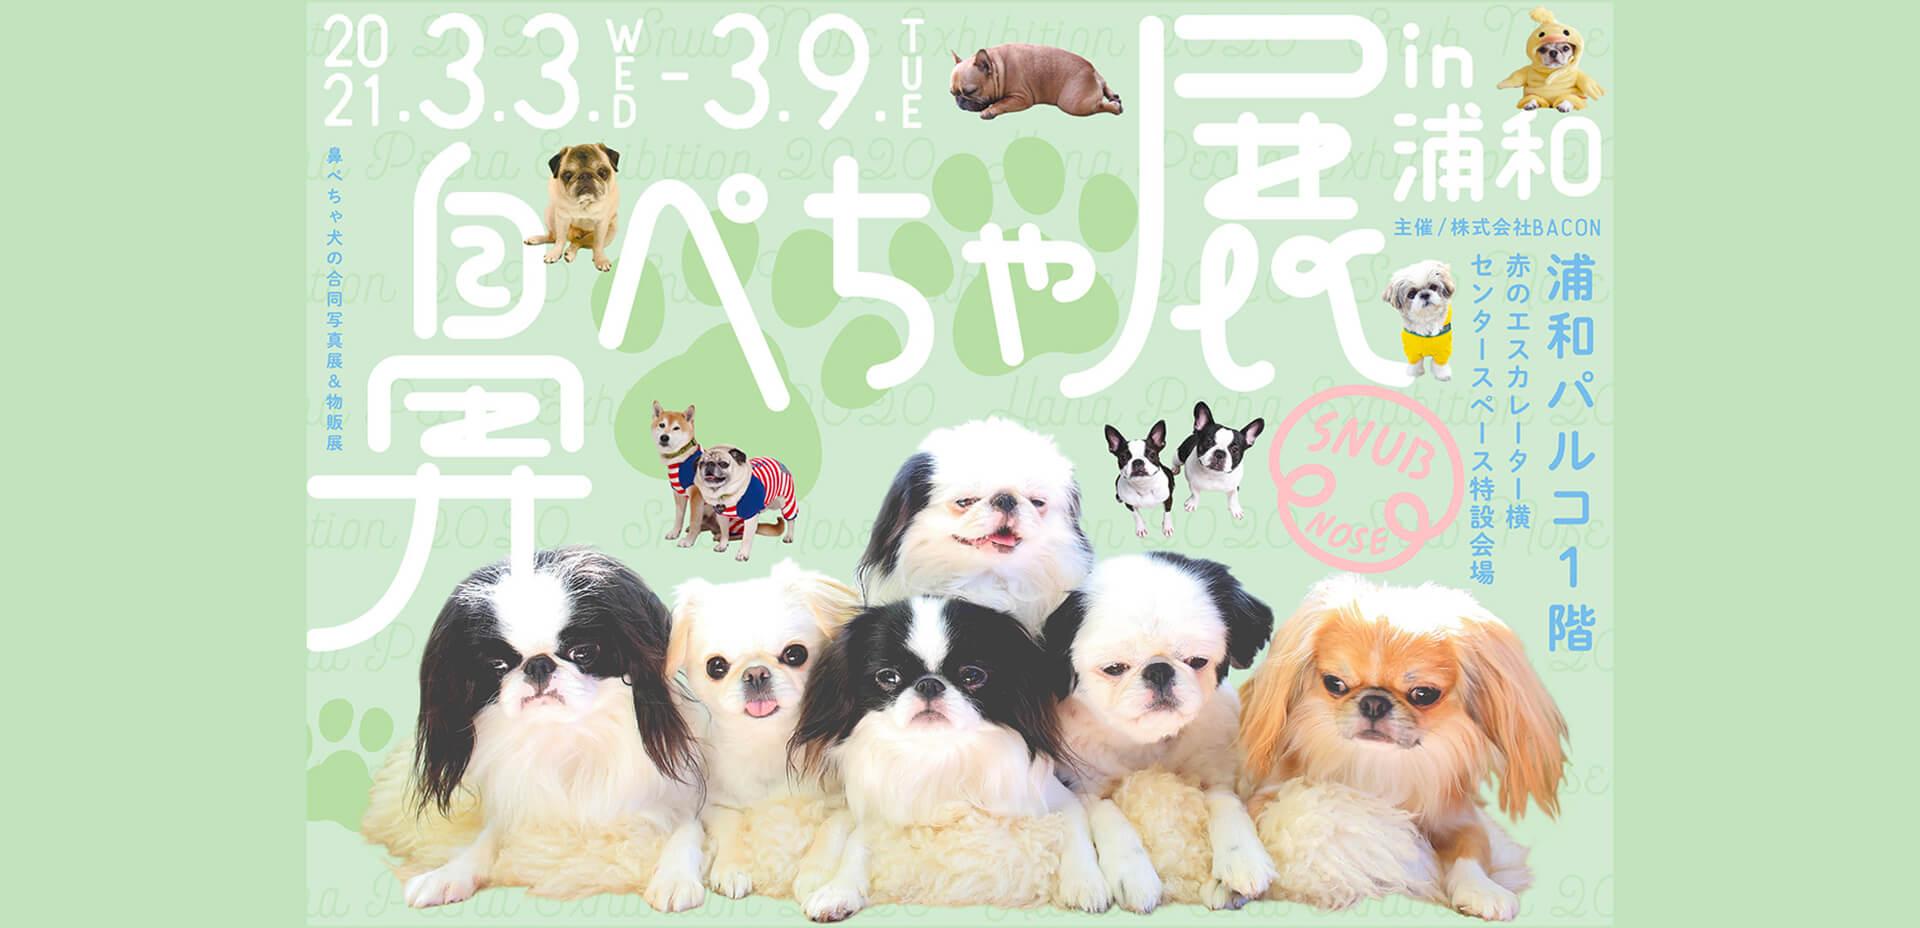 鼻ぺちゃ犬の合同写真展&物販展「鼻ぺちゃ展 in 浦和」